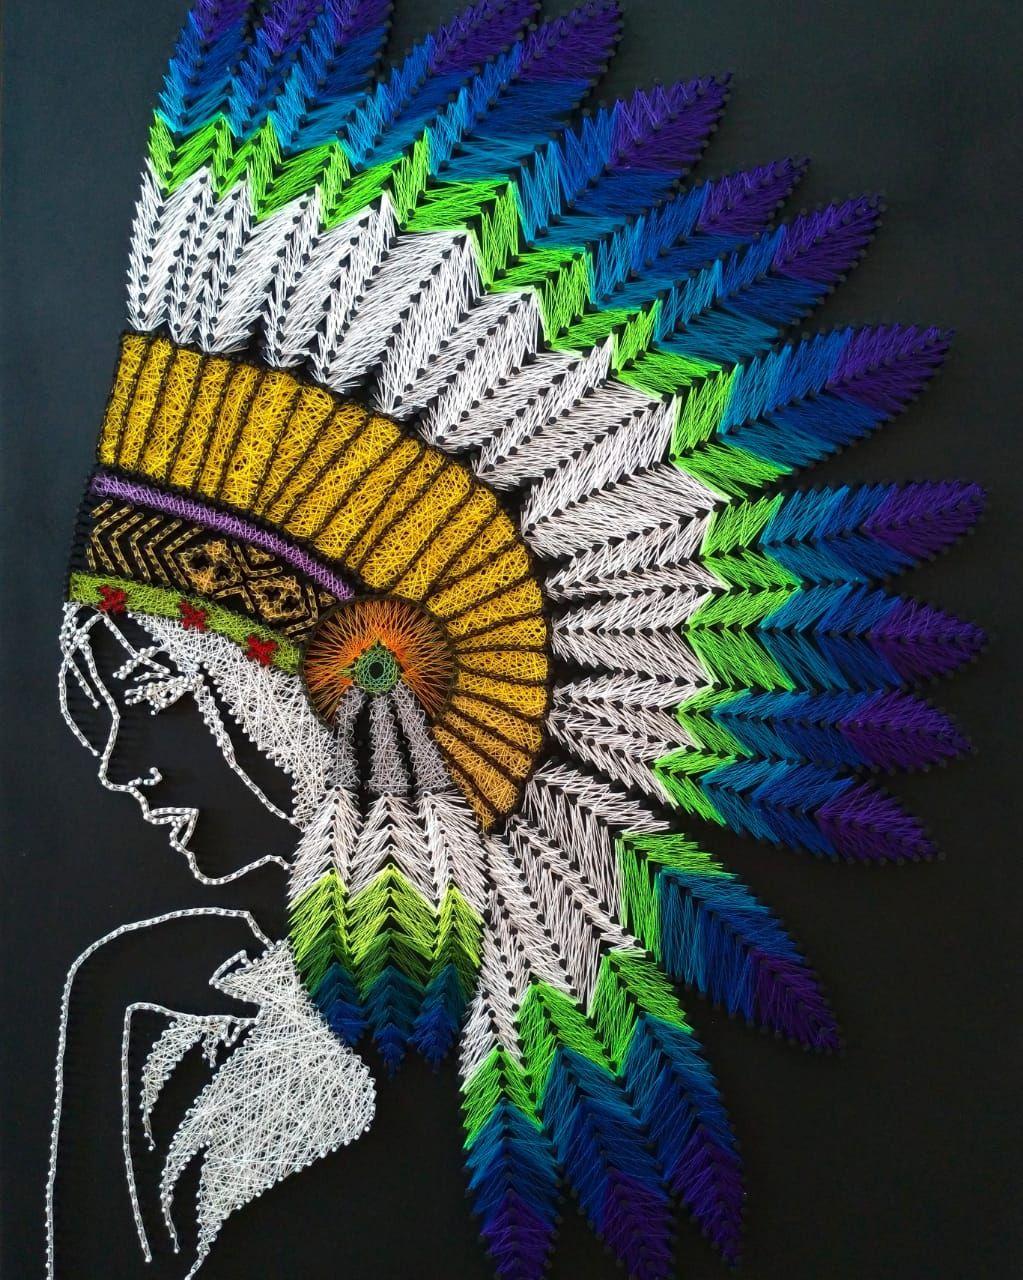 ✒️Índia Cocar Americano. Native American. Aprox. 1500 pontos, 70x50cm. Encomenda do cliente irmão @thiagoofreitas_ 👊✒️ #stringartist #stringart #hilostensados #hilosmagicos #filografi #artelinear #indio #american #americanindian #indioamericano #cocar #crafts #elo7br #elo7feitoamao #handmades #feitoamão #artesanato #artesanatodeluxo #indios #nativeamerican #native #nativo #arts #diy #handmadecrafts #artesanatoemmdf #artesanatos #northamericanindians